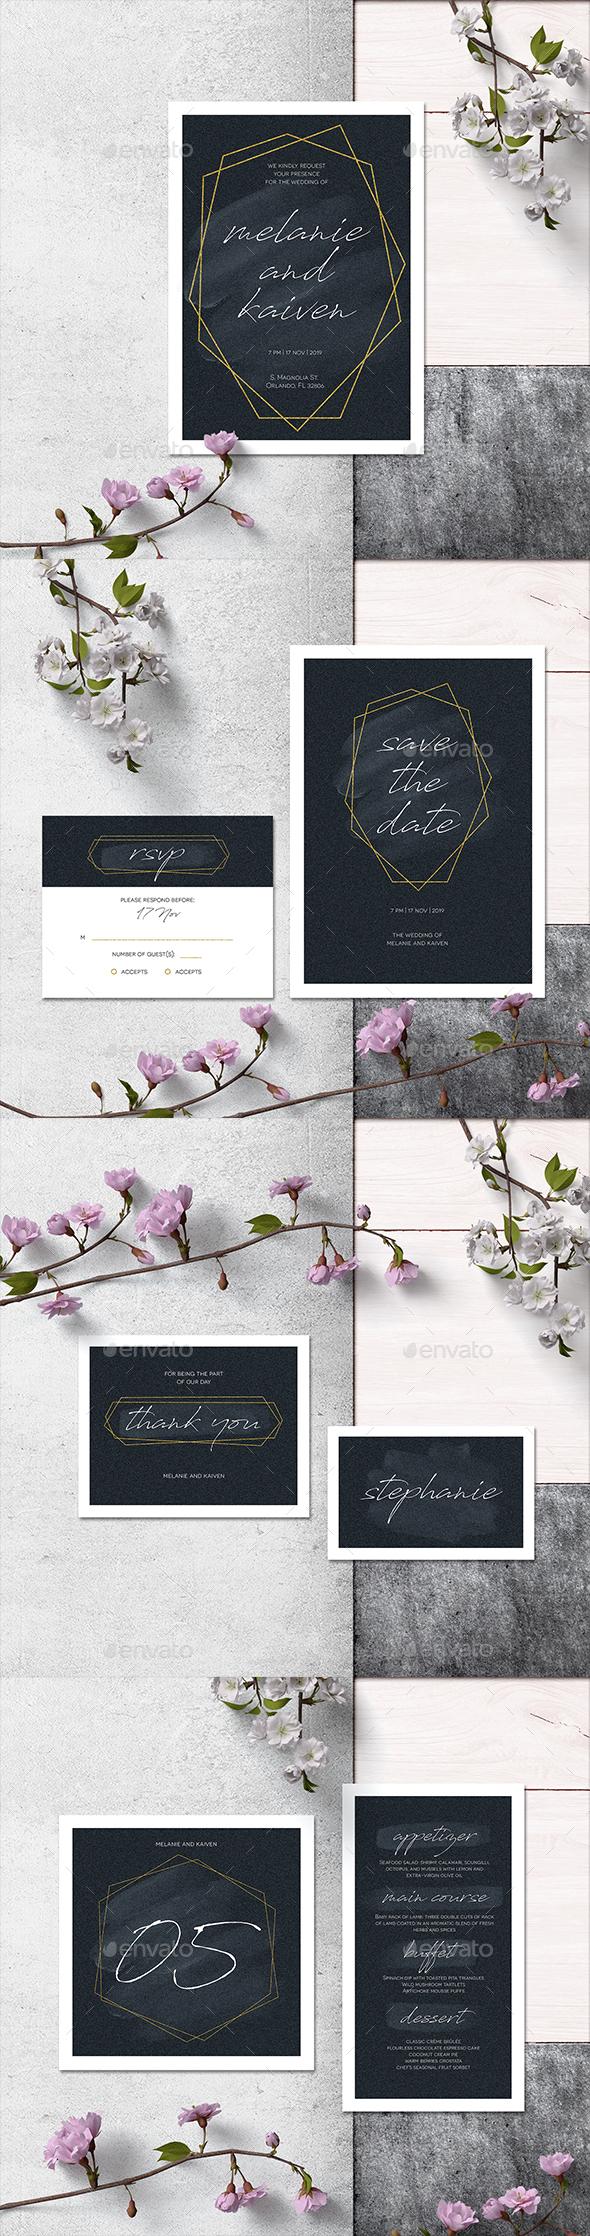 Simple Geometric Line Invitation Set - Weddings Cards & Invites